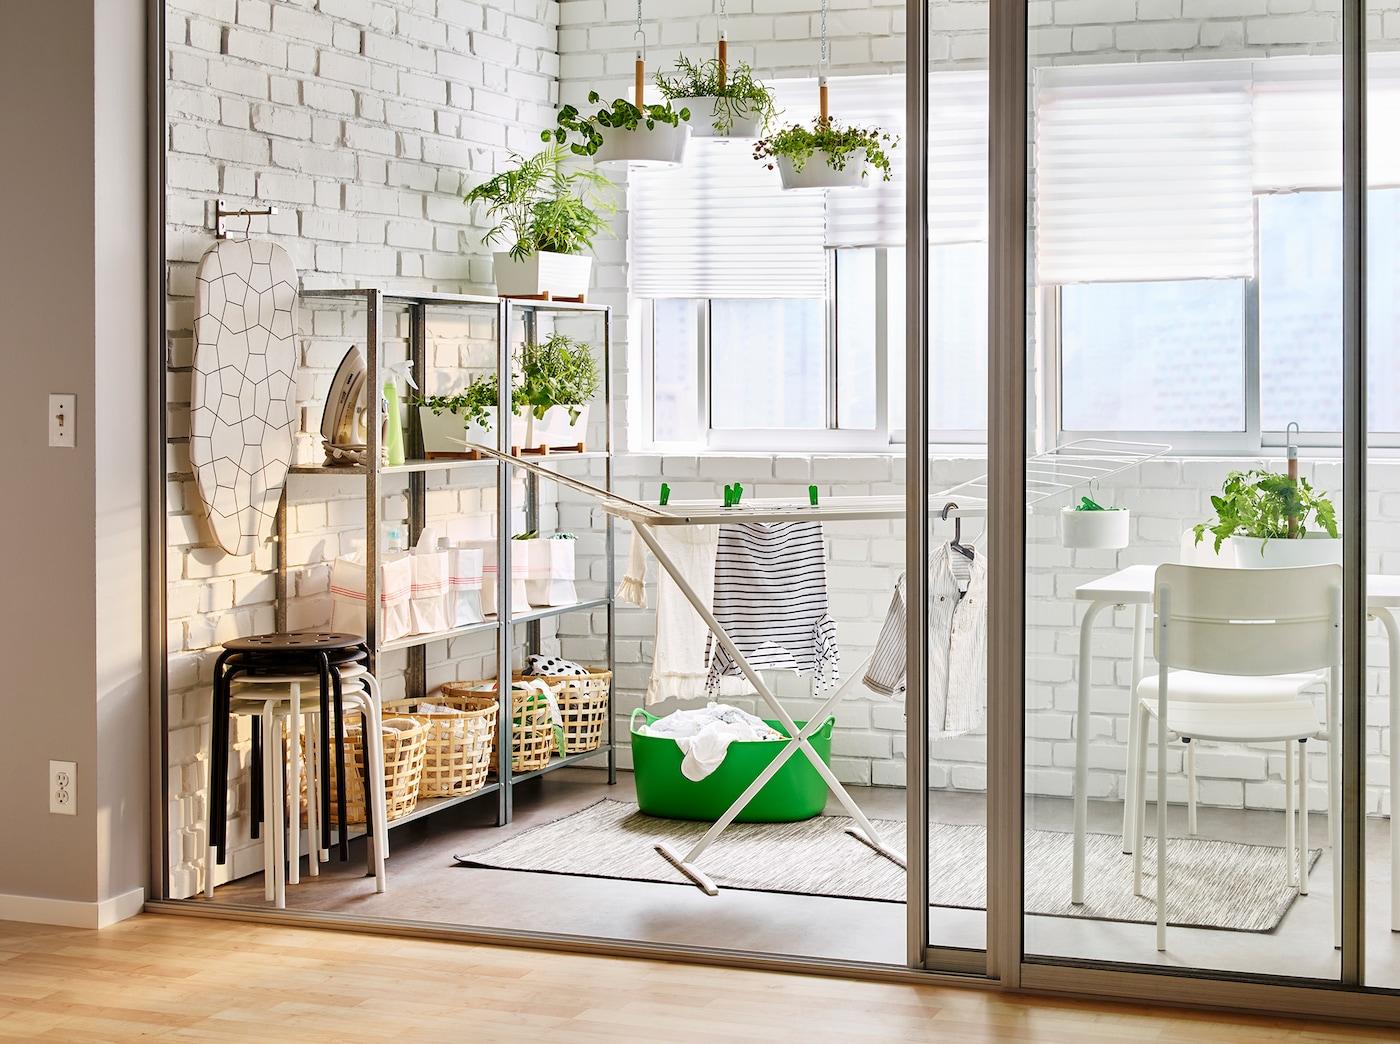 Mini Kühlschrank Für Ikea Regal : Waschküche inspirationen für dein zuhause ikea